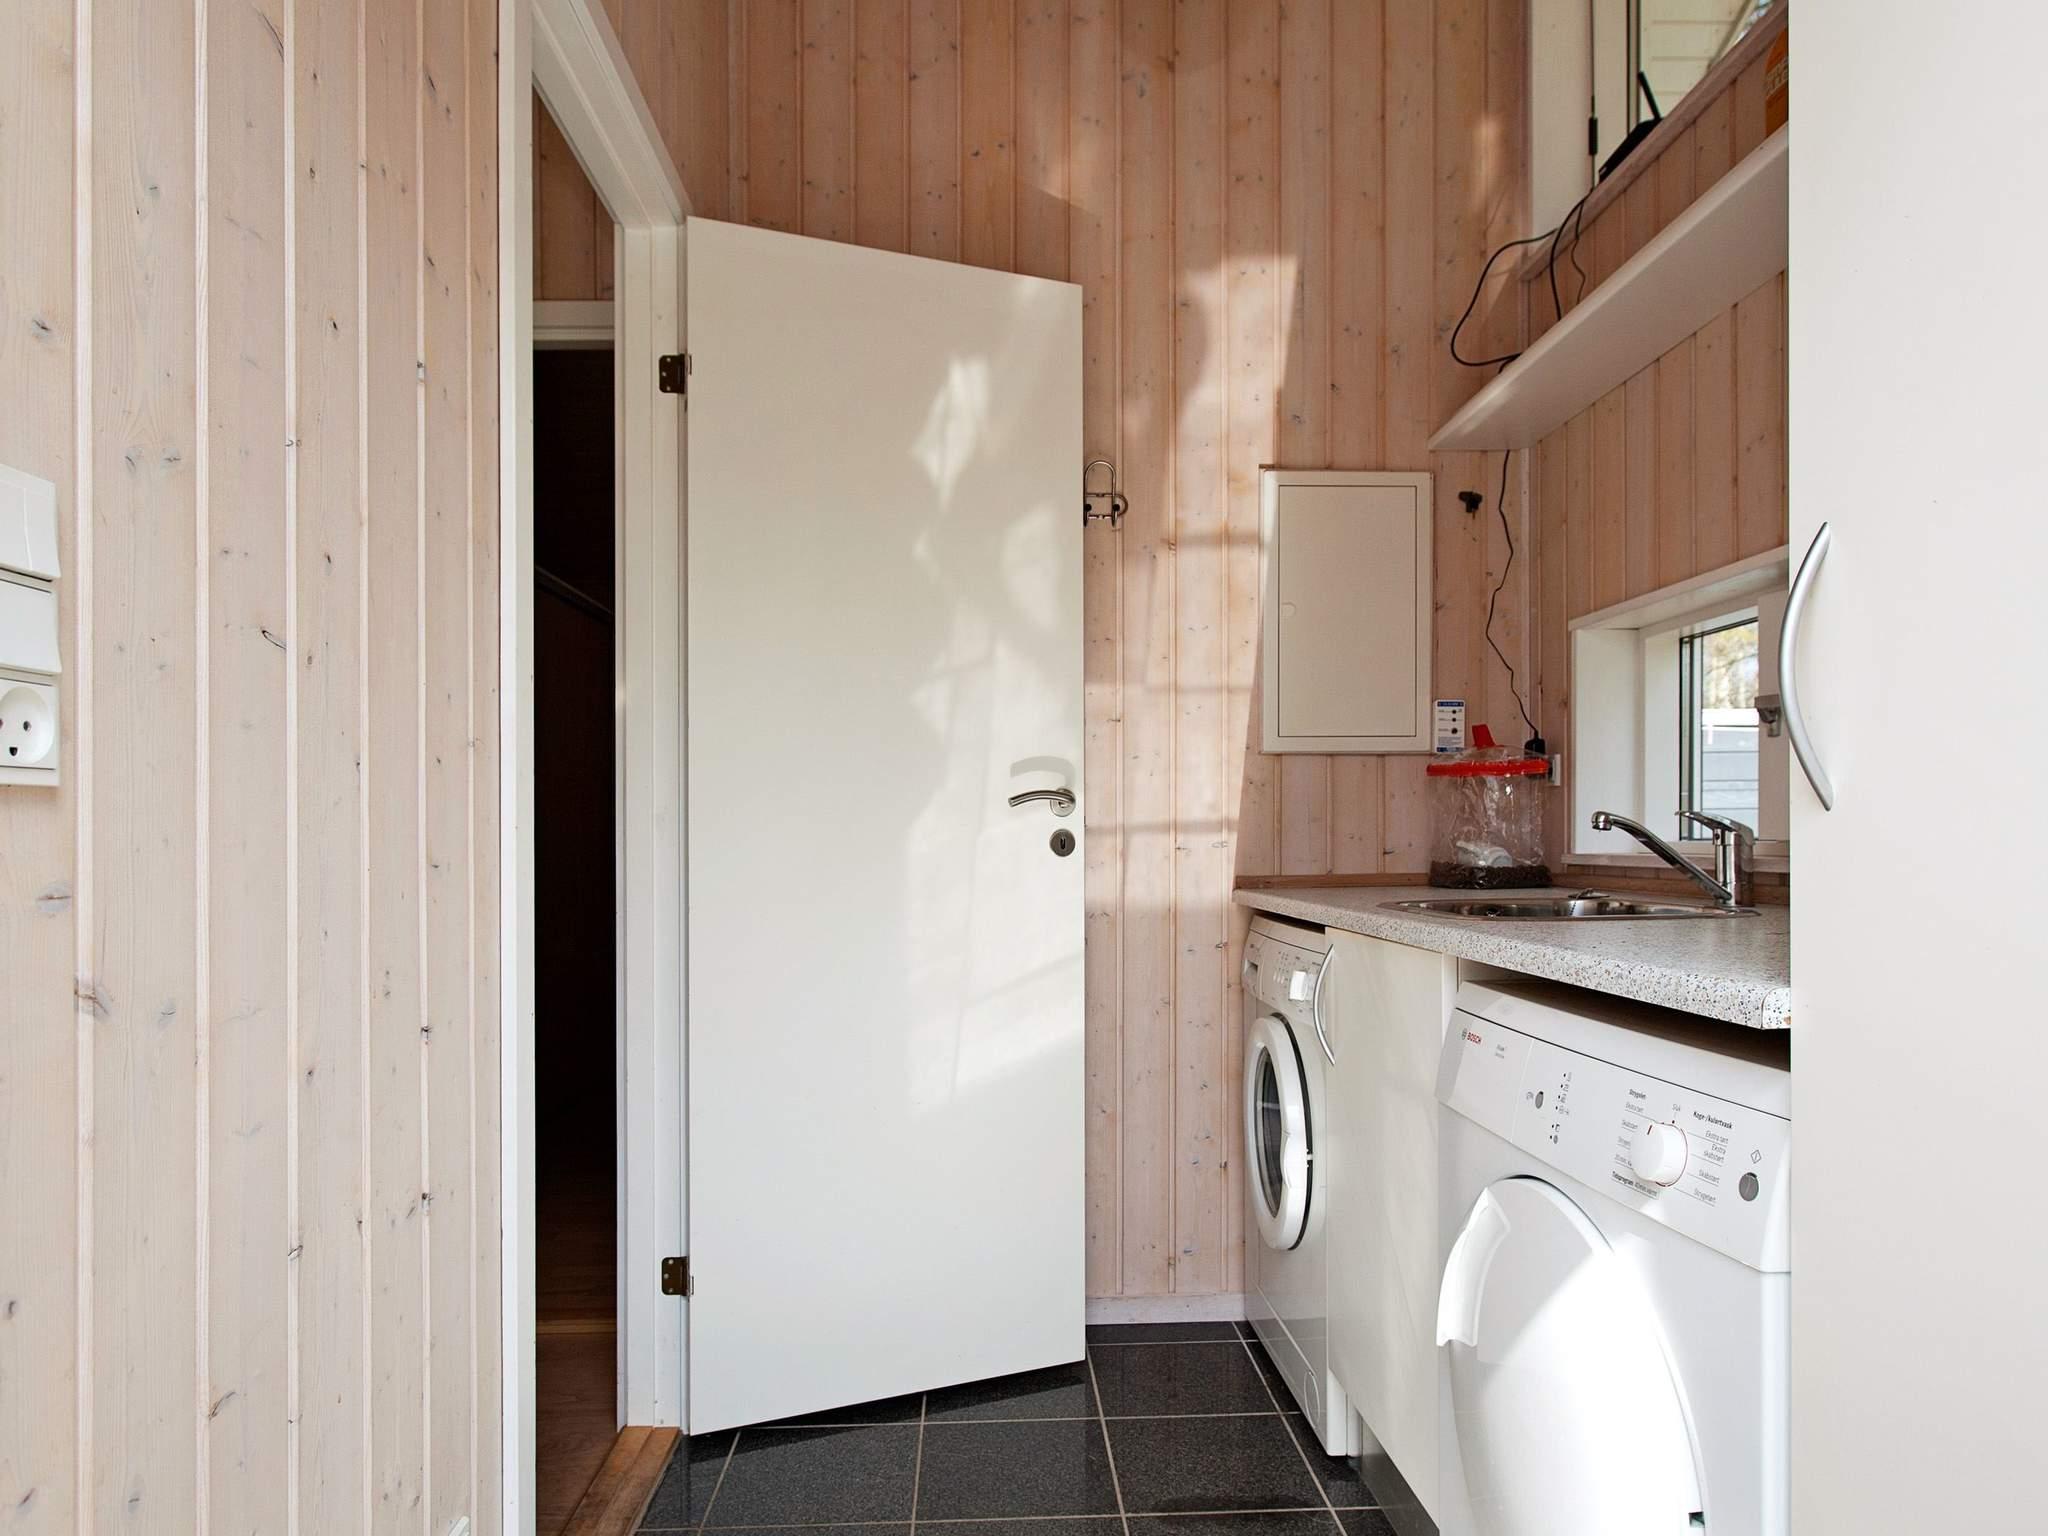 Ferienhaus Bjerge Strand (208413), Gørlev, , Westseeland, Dänemark, Bild 10